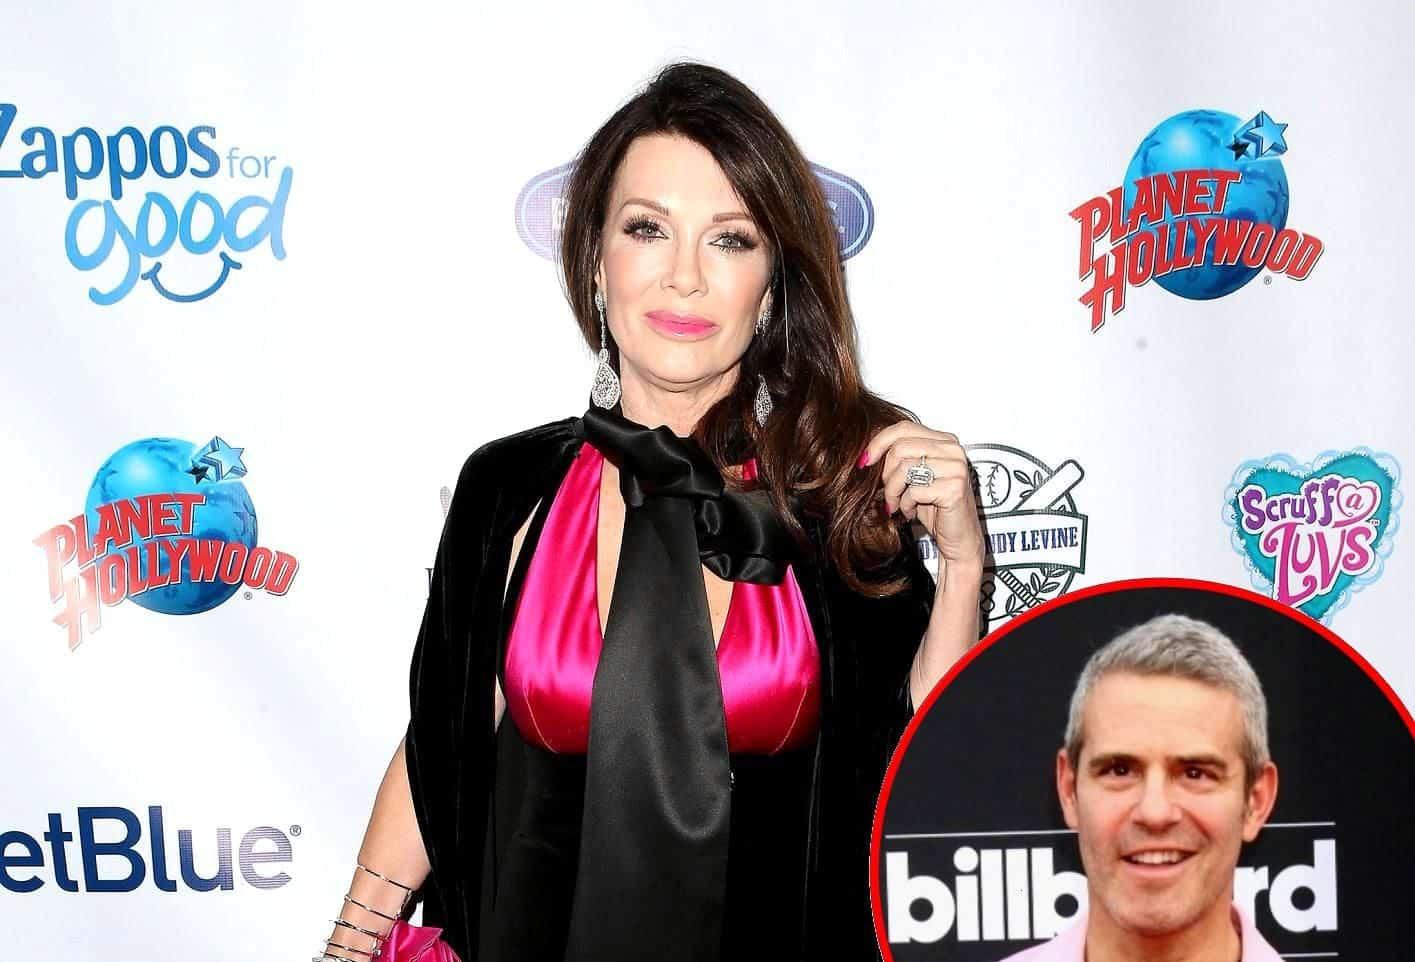 Lisa Vanderpump Skips Andy Cohen's Baby Shower to Avoid RHOBH Co-Stars